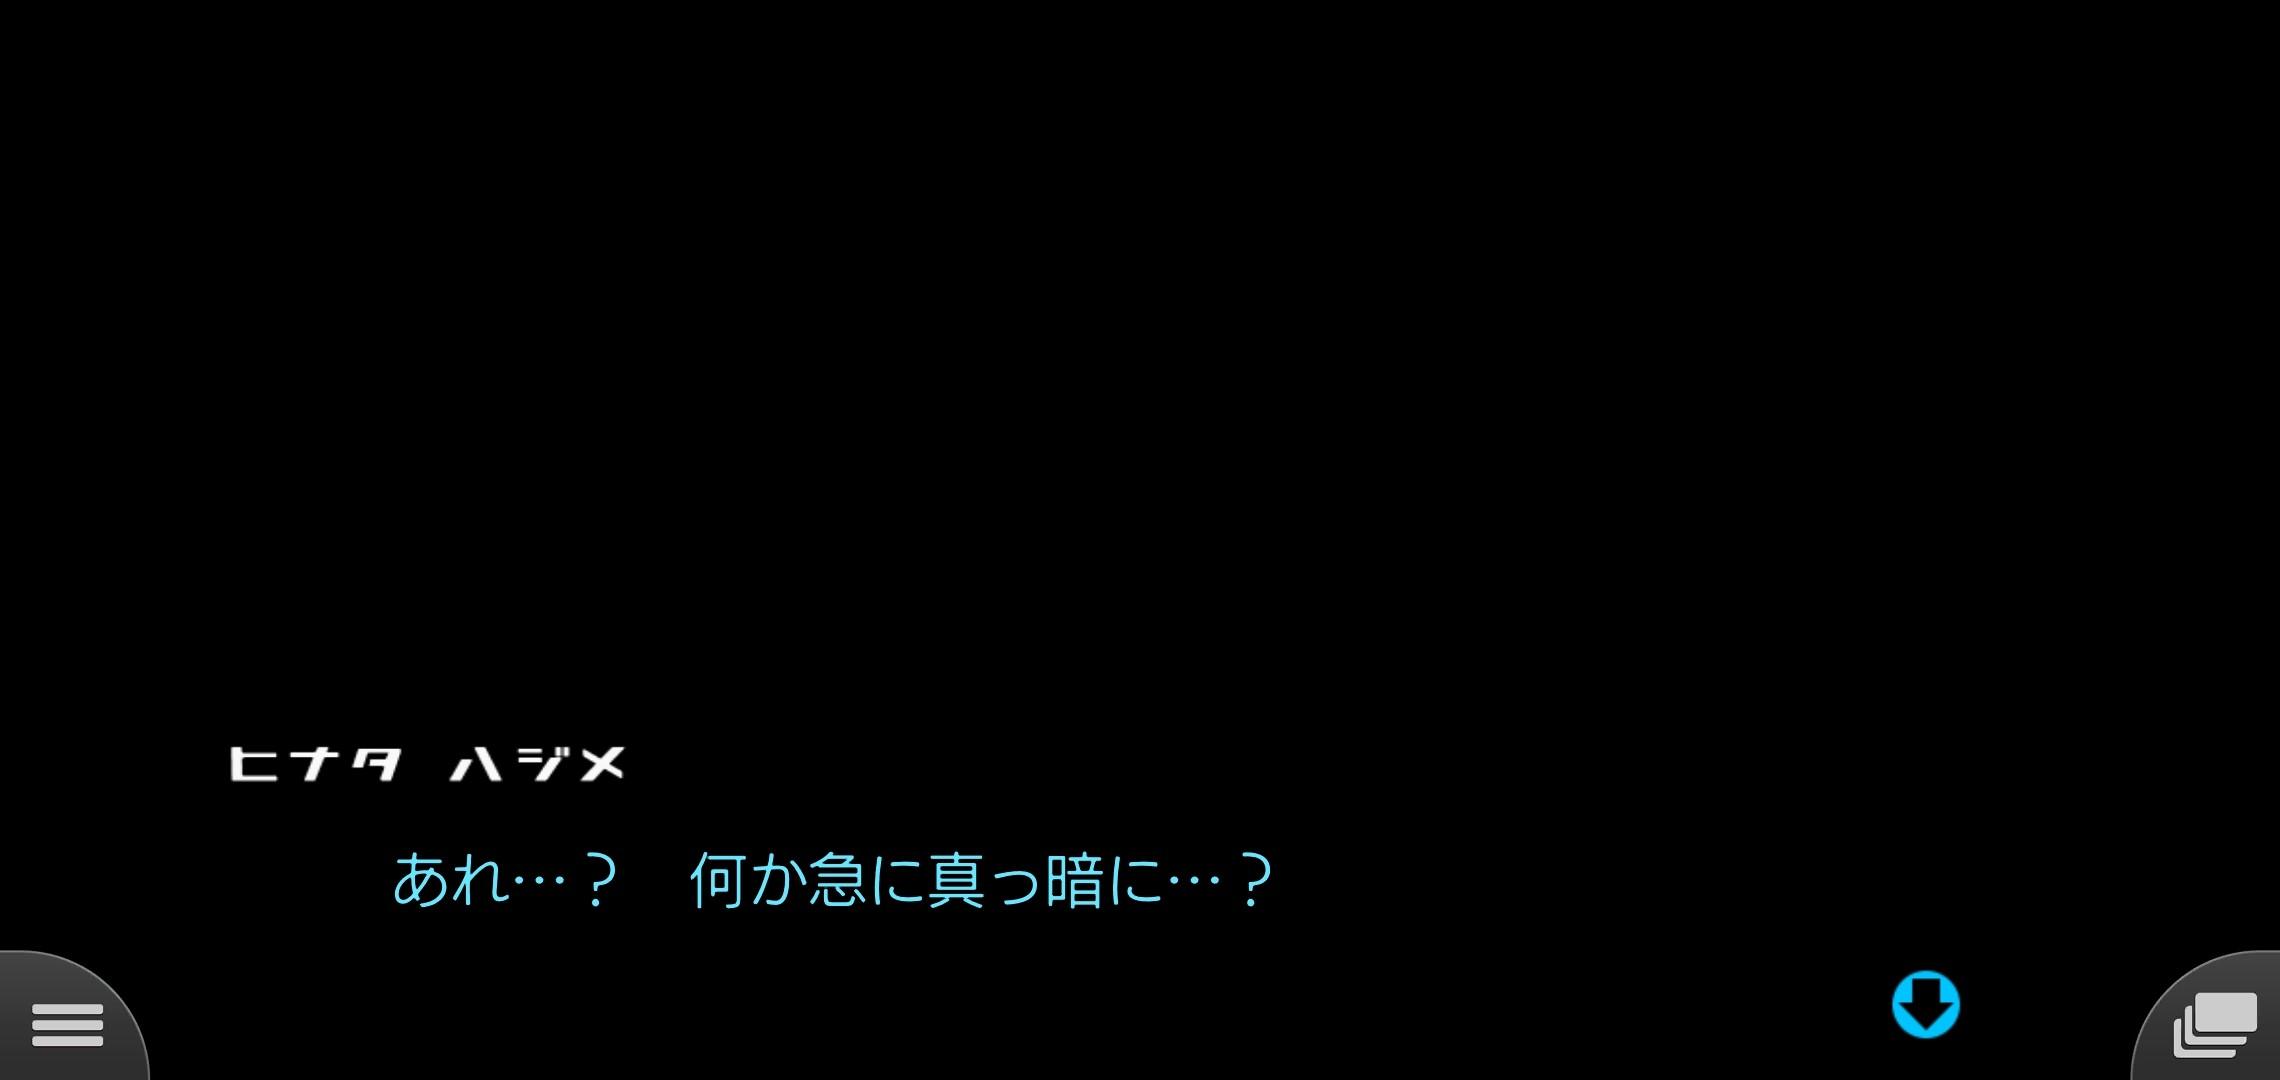 f:id:Rinburu:20201214225305j:plain